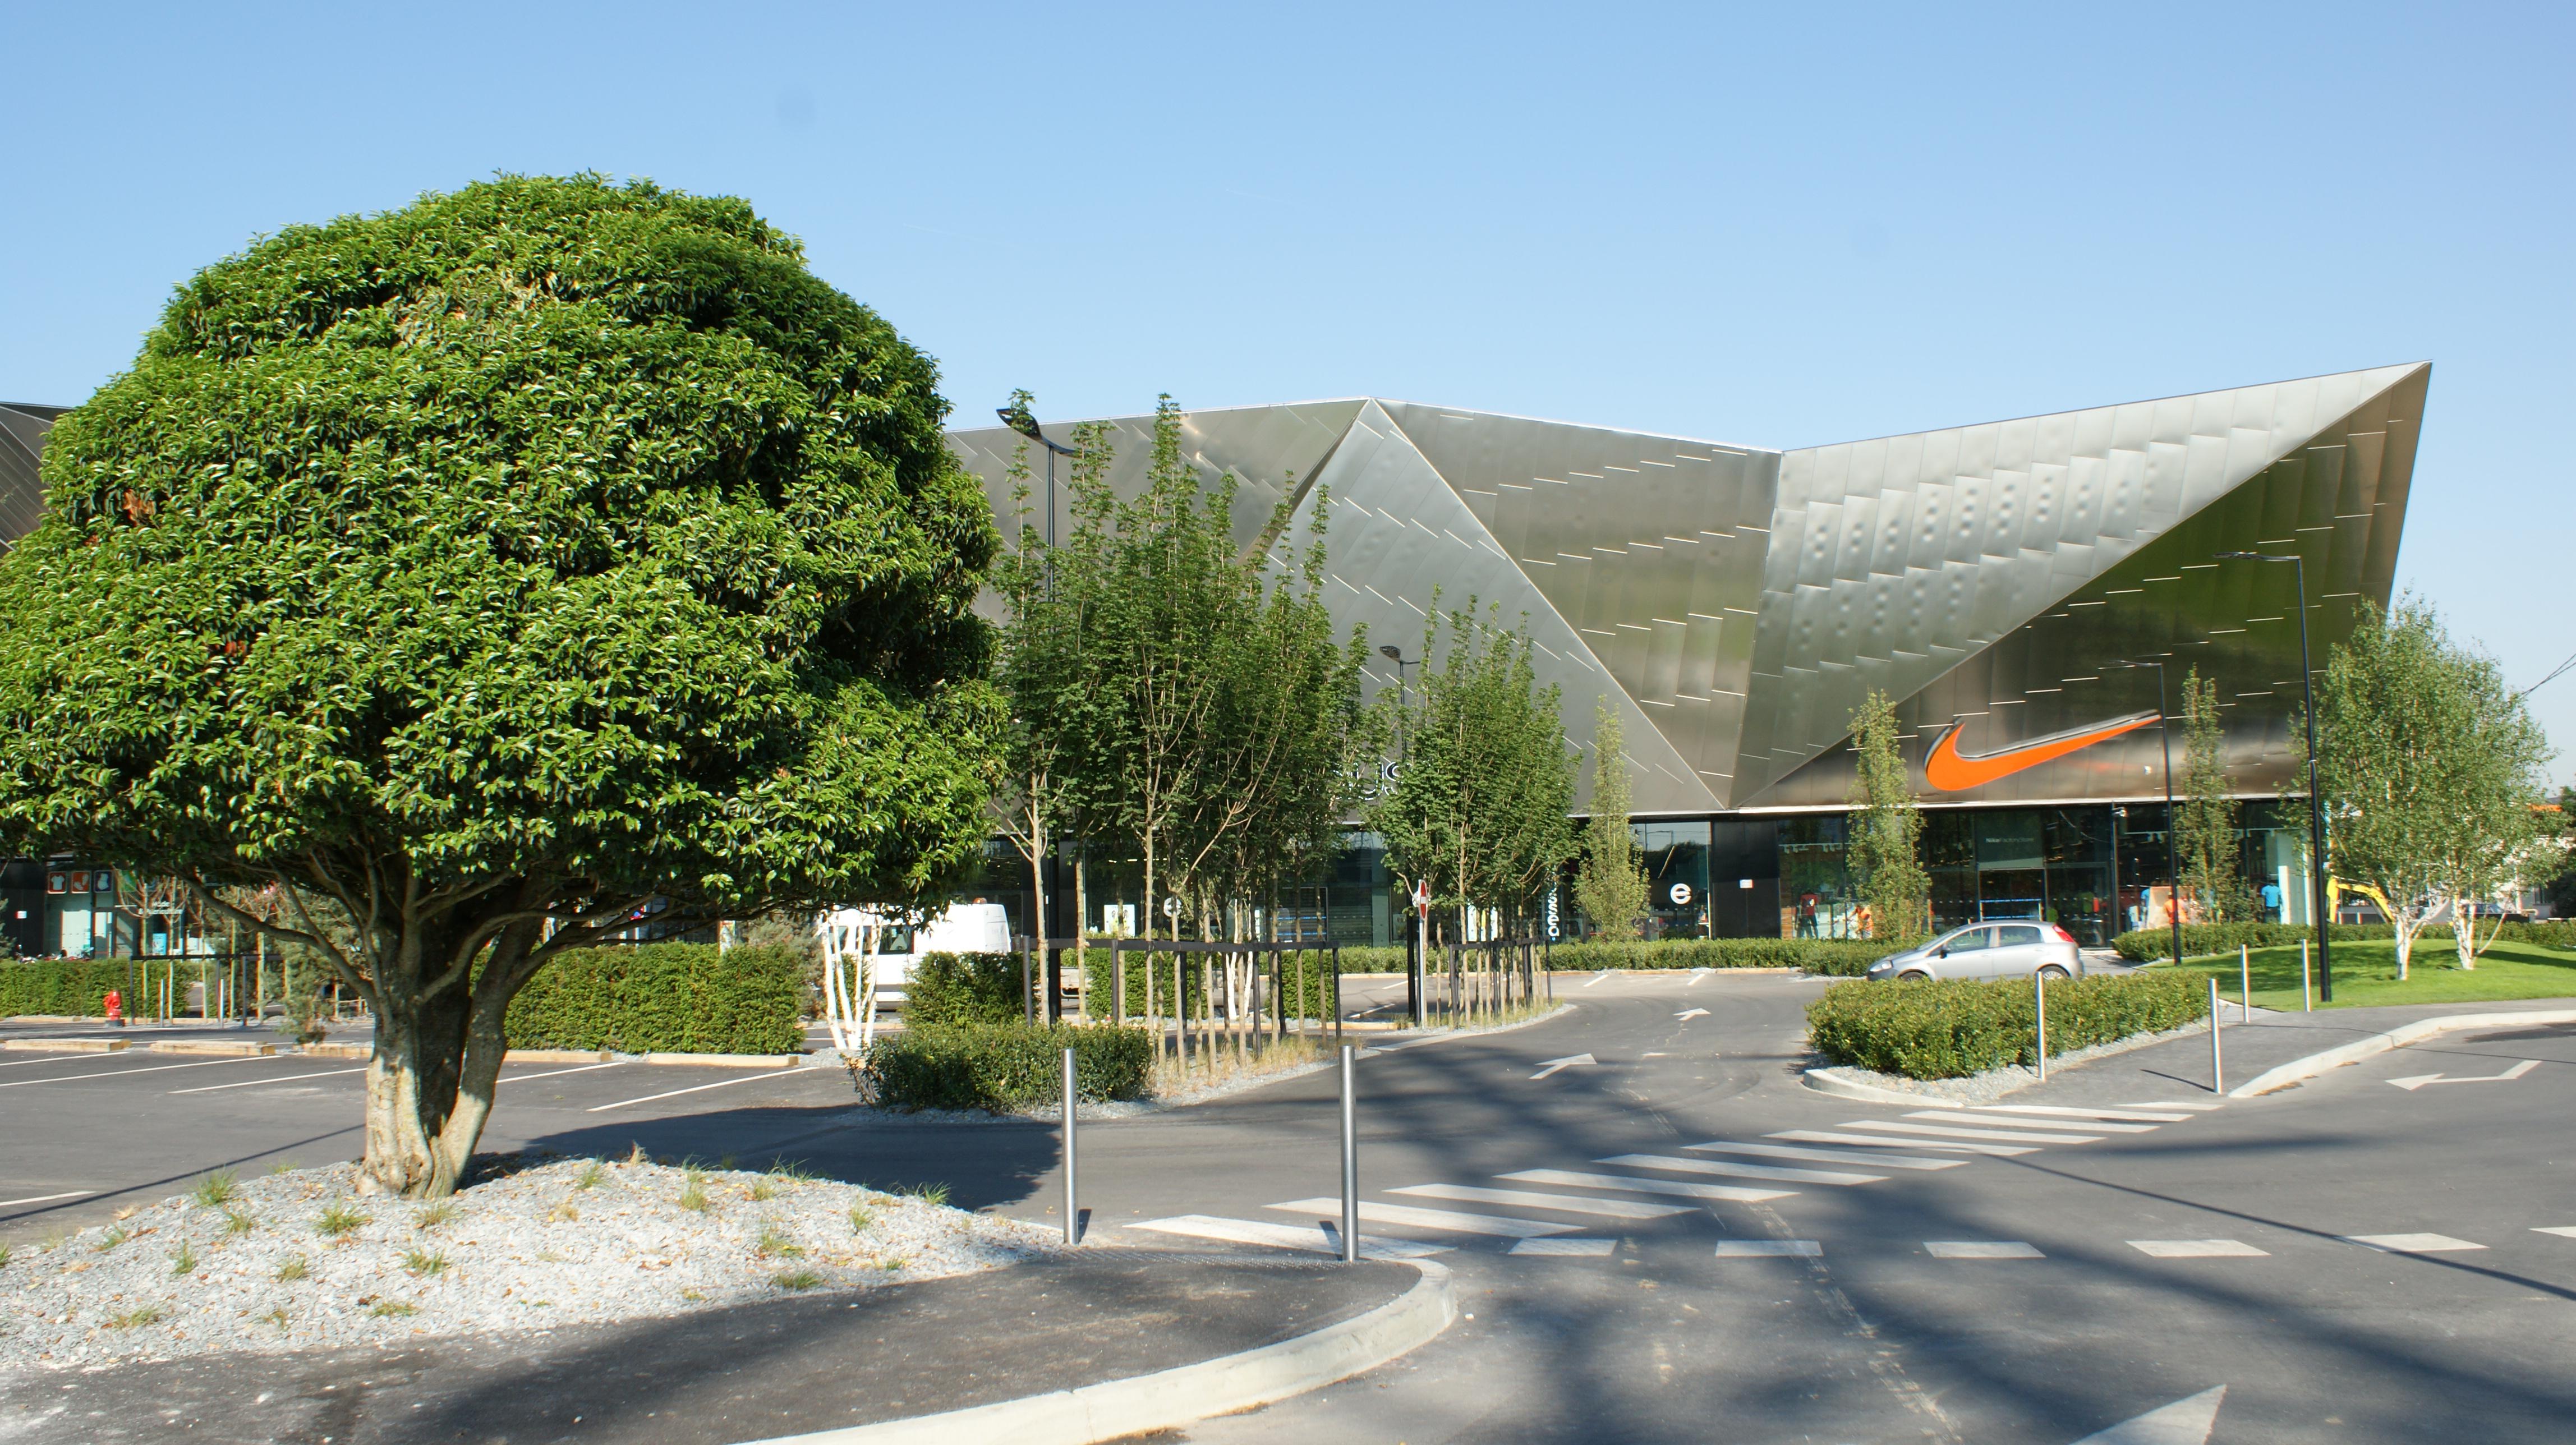 Nouveau centre commercial gennevilliers - Centre commercial gennevilliers ...